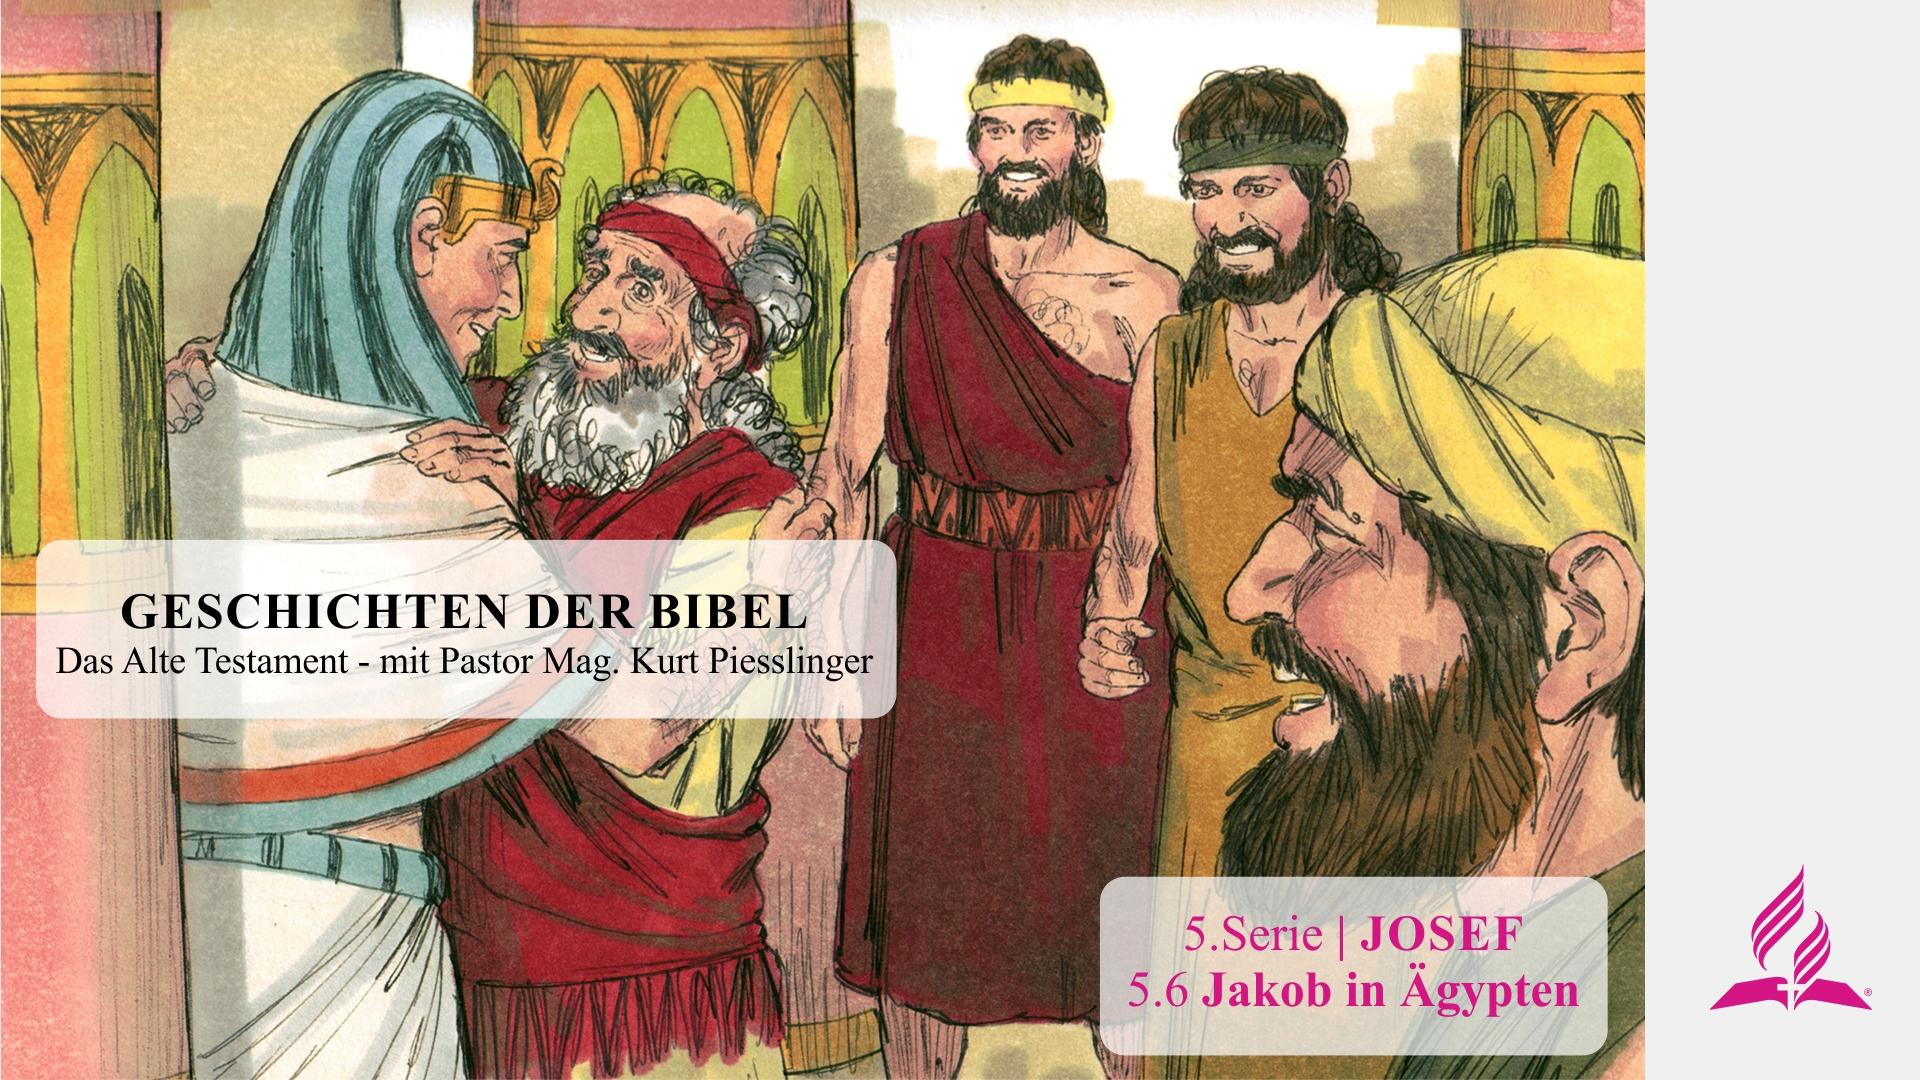 5.6 Jakob in Ägypten x